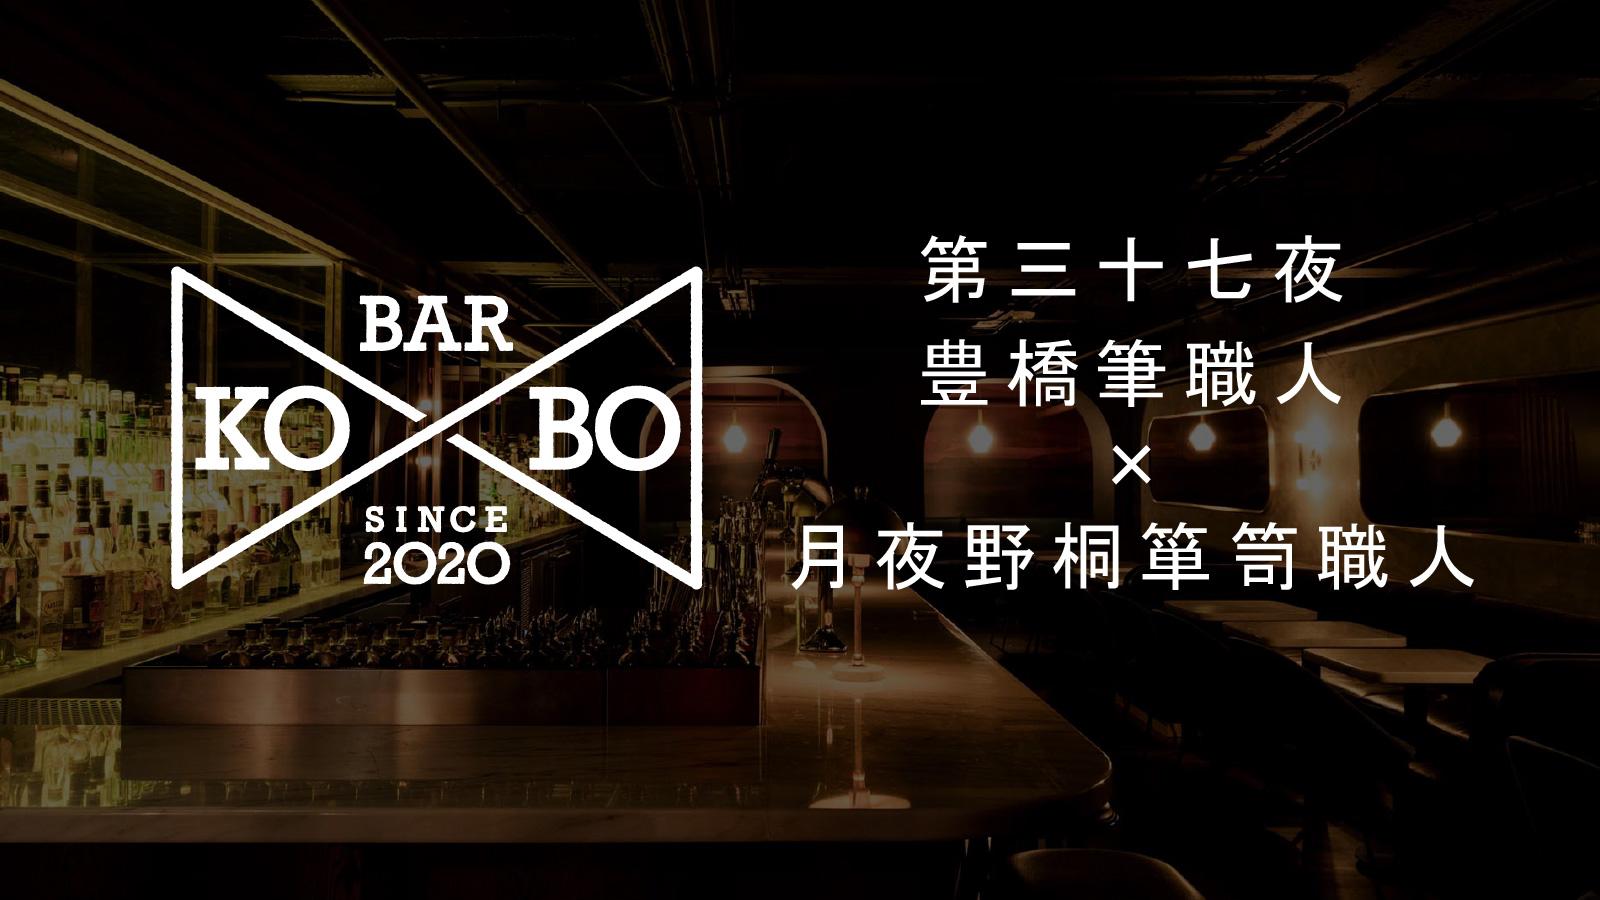 【Bar KO-BO 第三十七夜】豊橋筆職人×月夜野桐箪笥職人